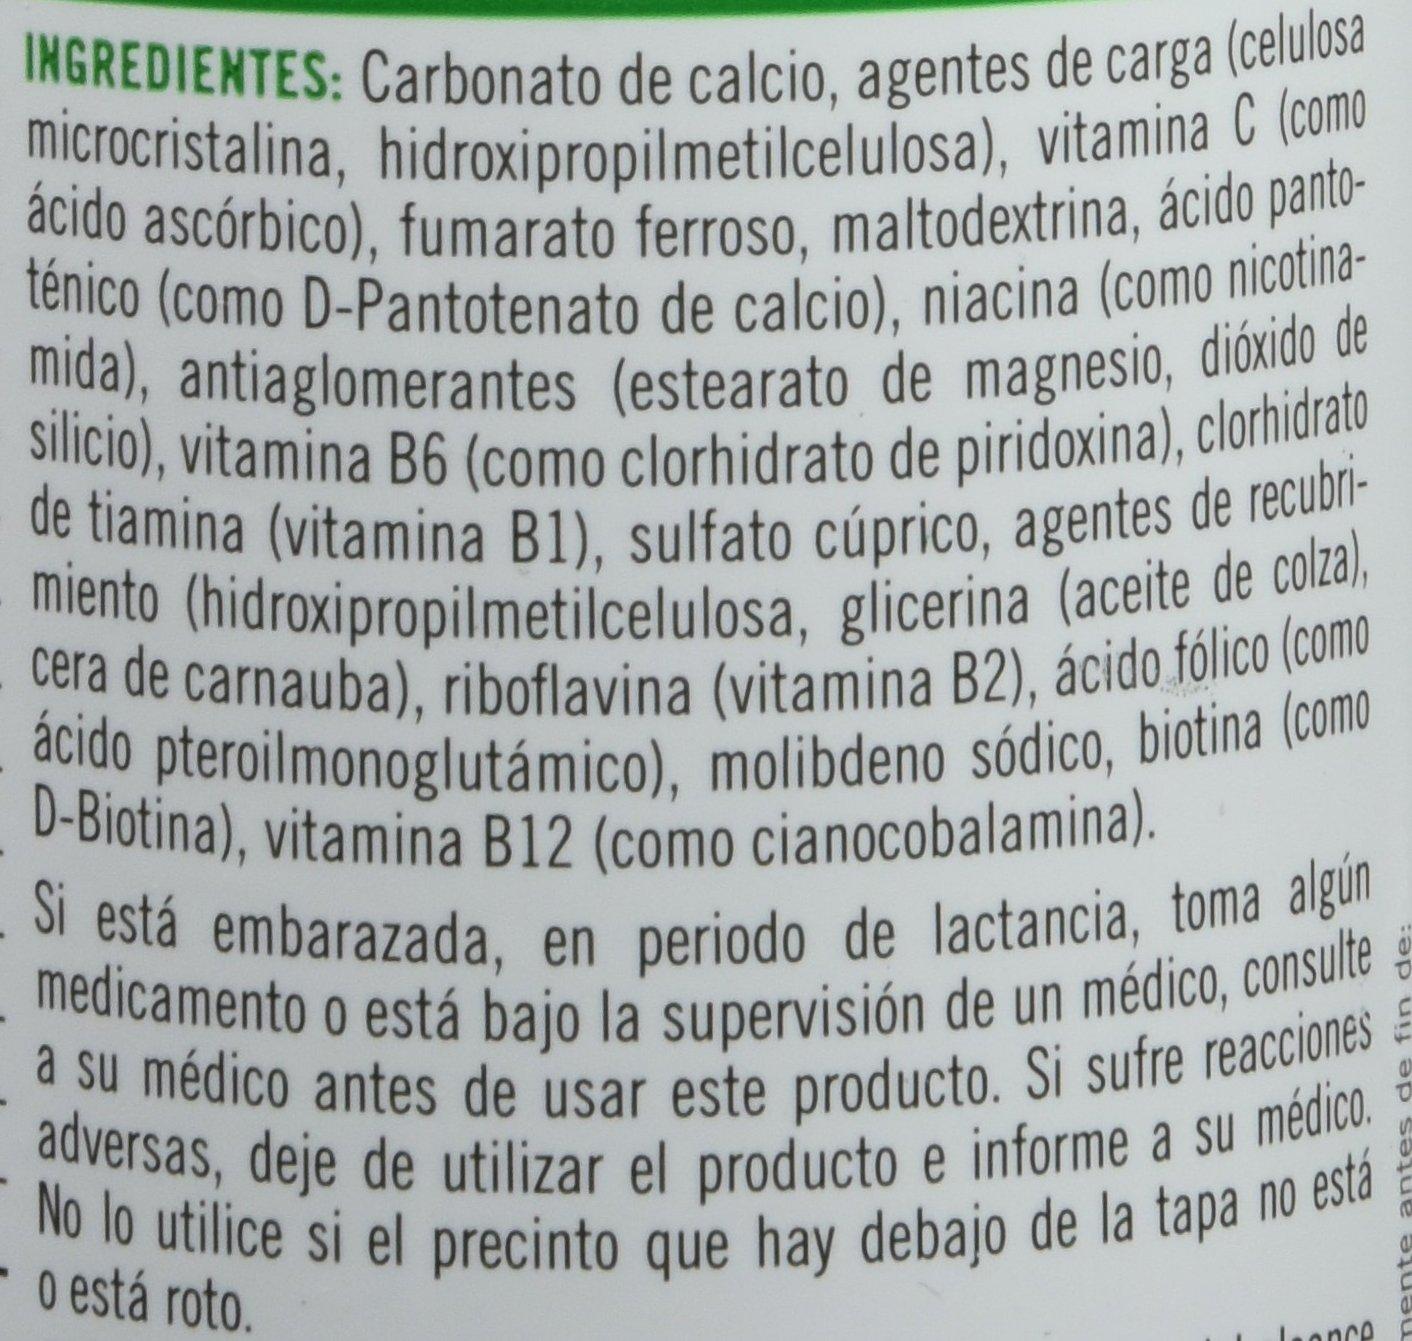 Natures Bounty-Hierro Gentle Complex con Vitaminas C y B12-100 cápsulas: Amazon.es: Salud y cuidado personal